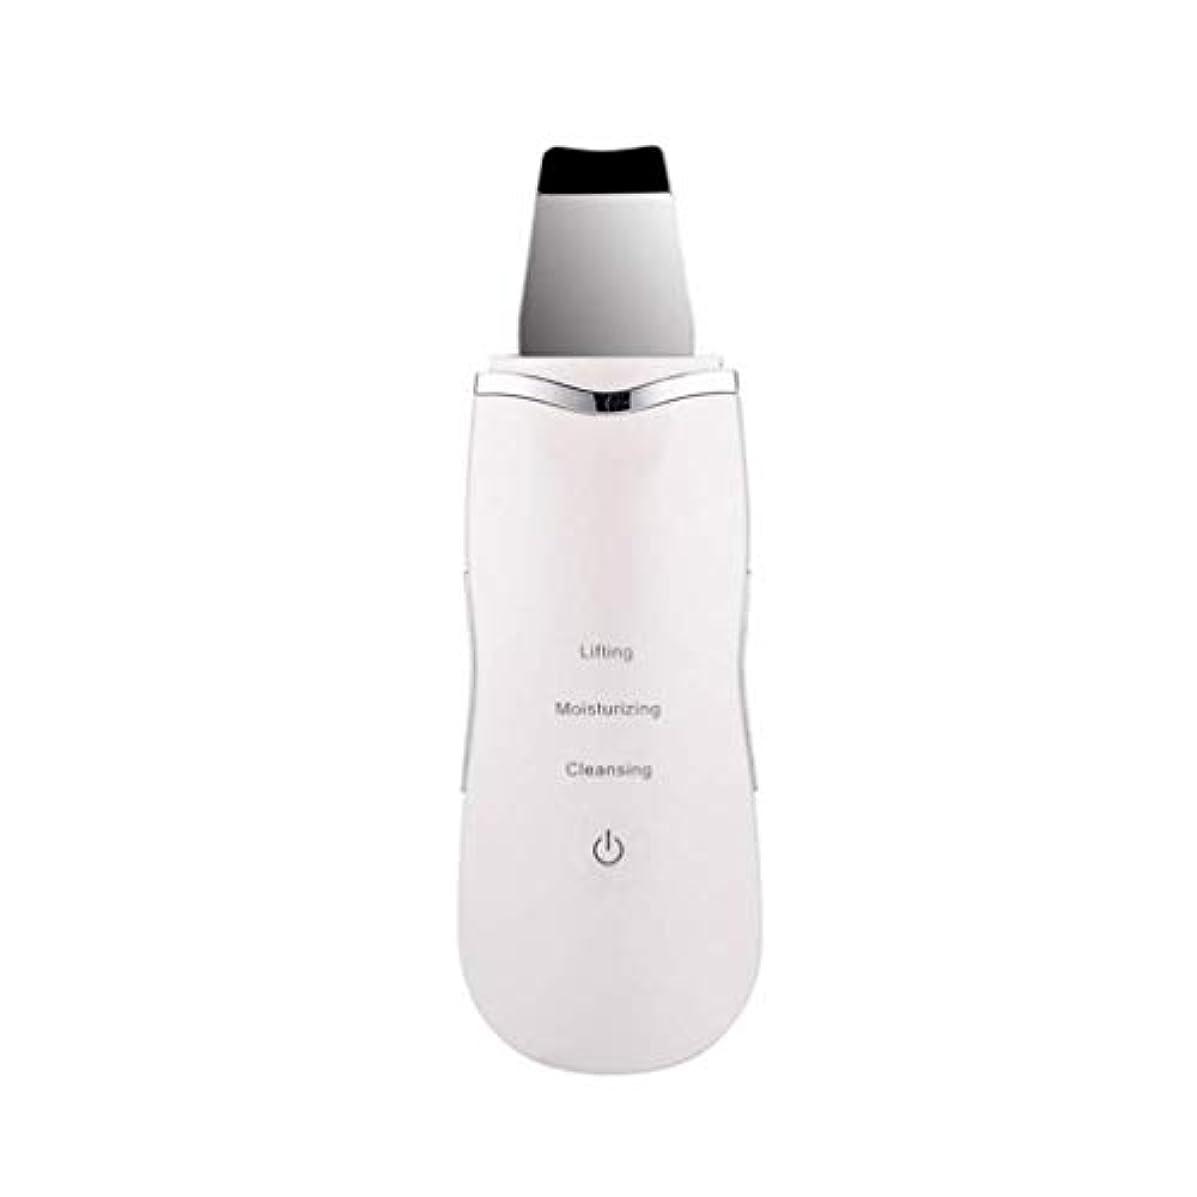 ブルモードリンバイアス電気美容マッサージ器、超音波顔の皮膚ディープクリーナー、イオンマッサージスキンケア美容機器、充電式、洗顔リンクルスキンケア機器 (Color : 白, Size : One size)